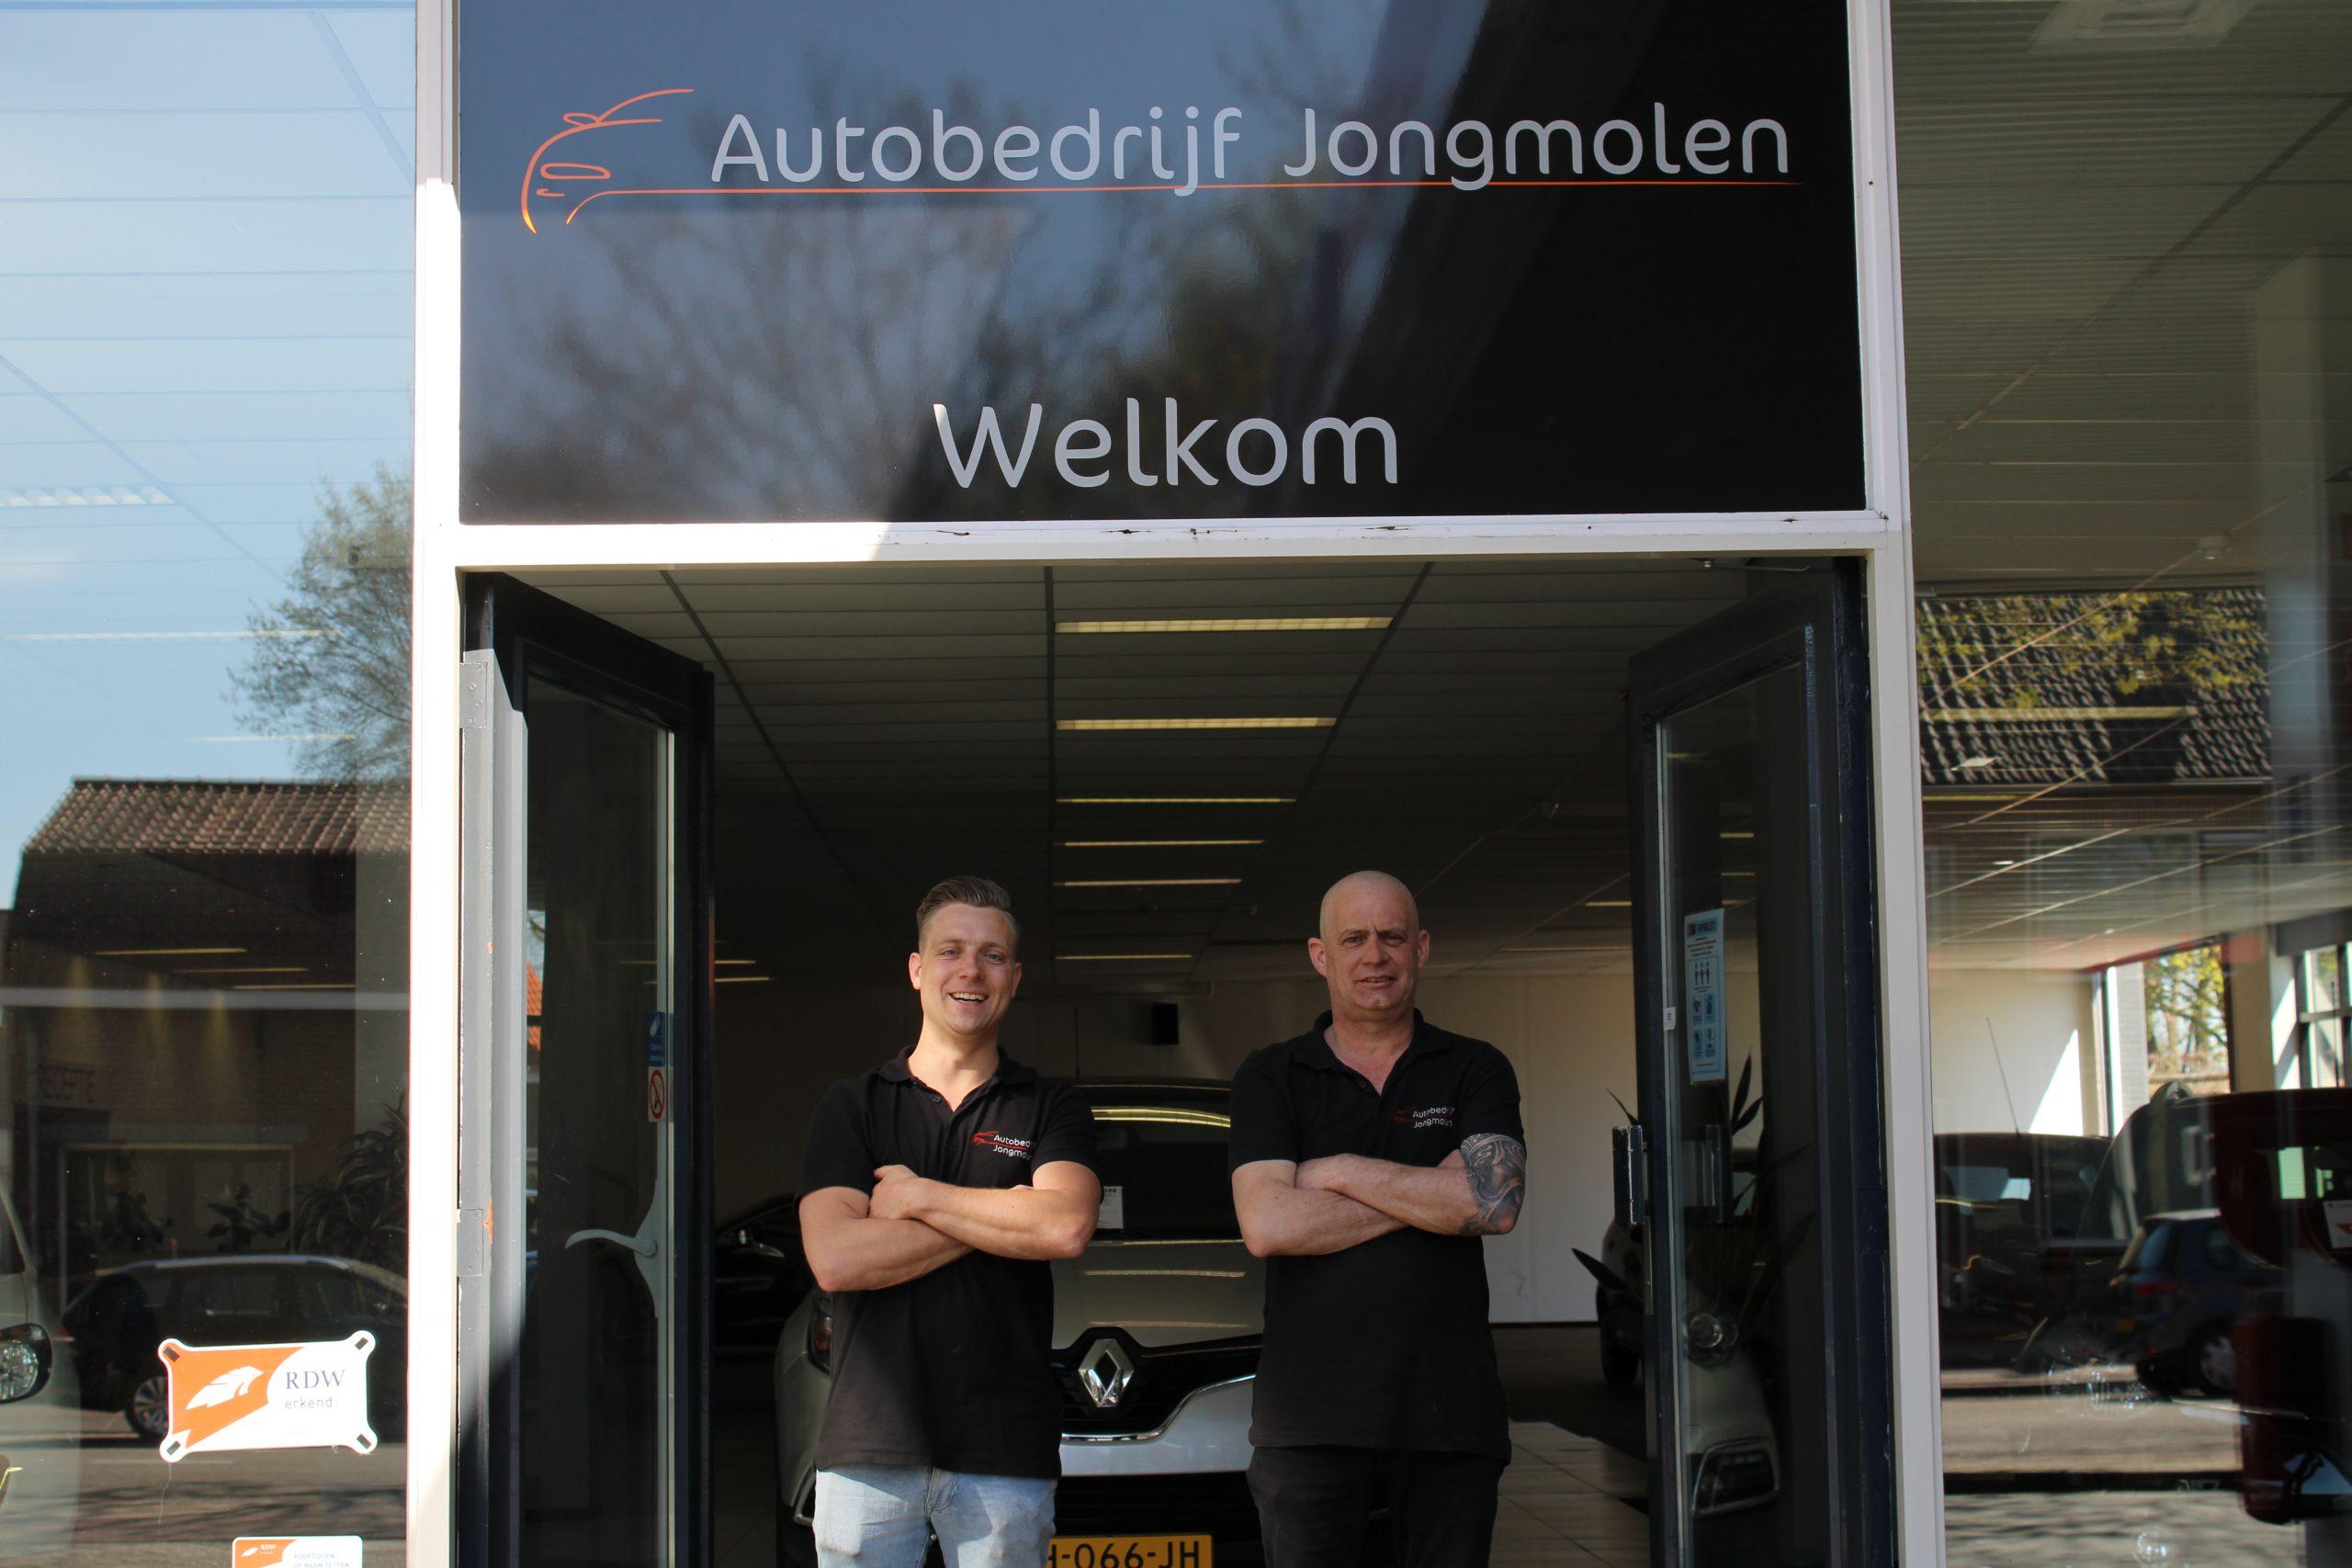 autobedrijf jongmolen